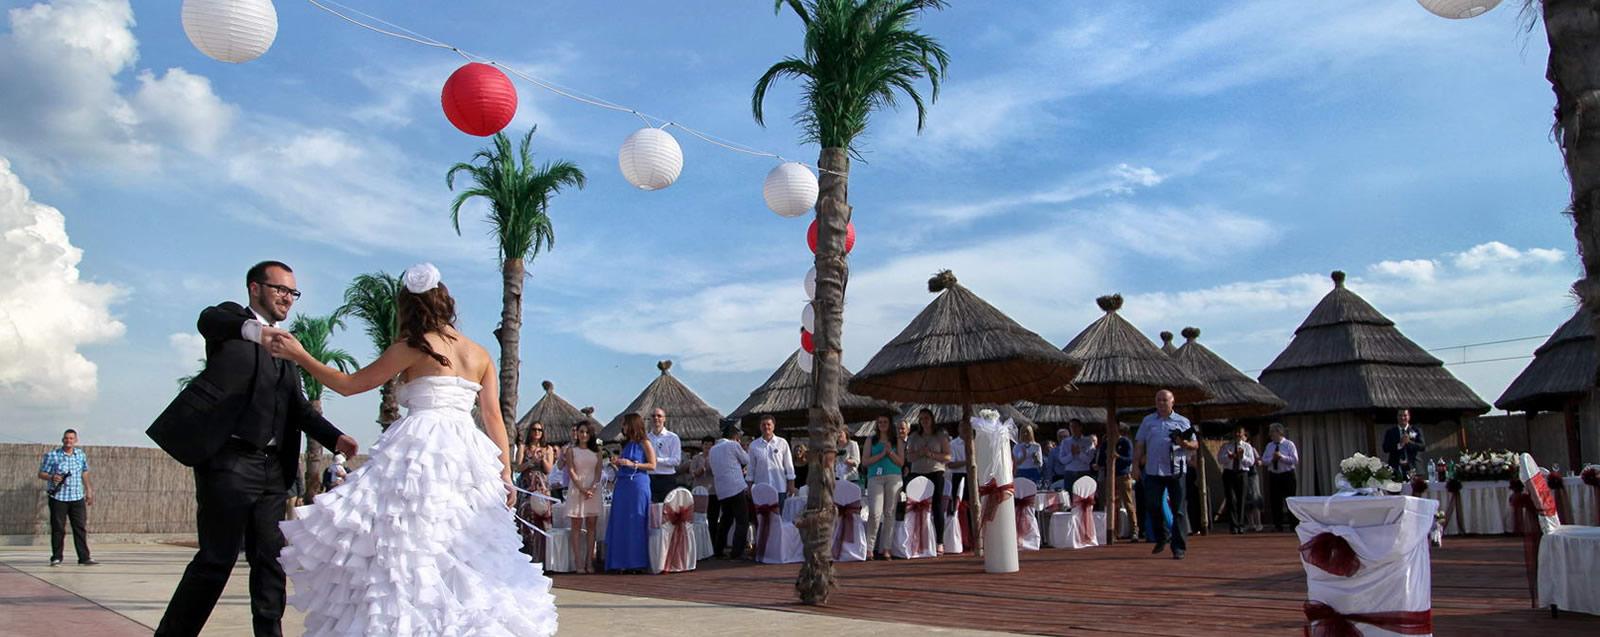 Oaza mira u Kengur Resort-u